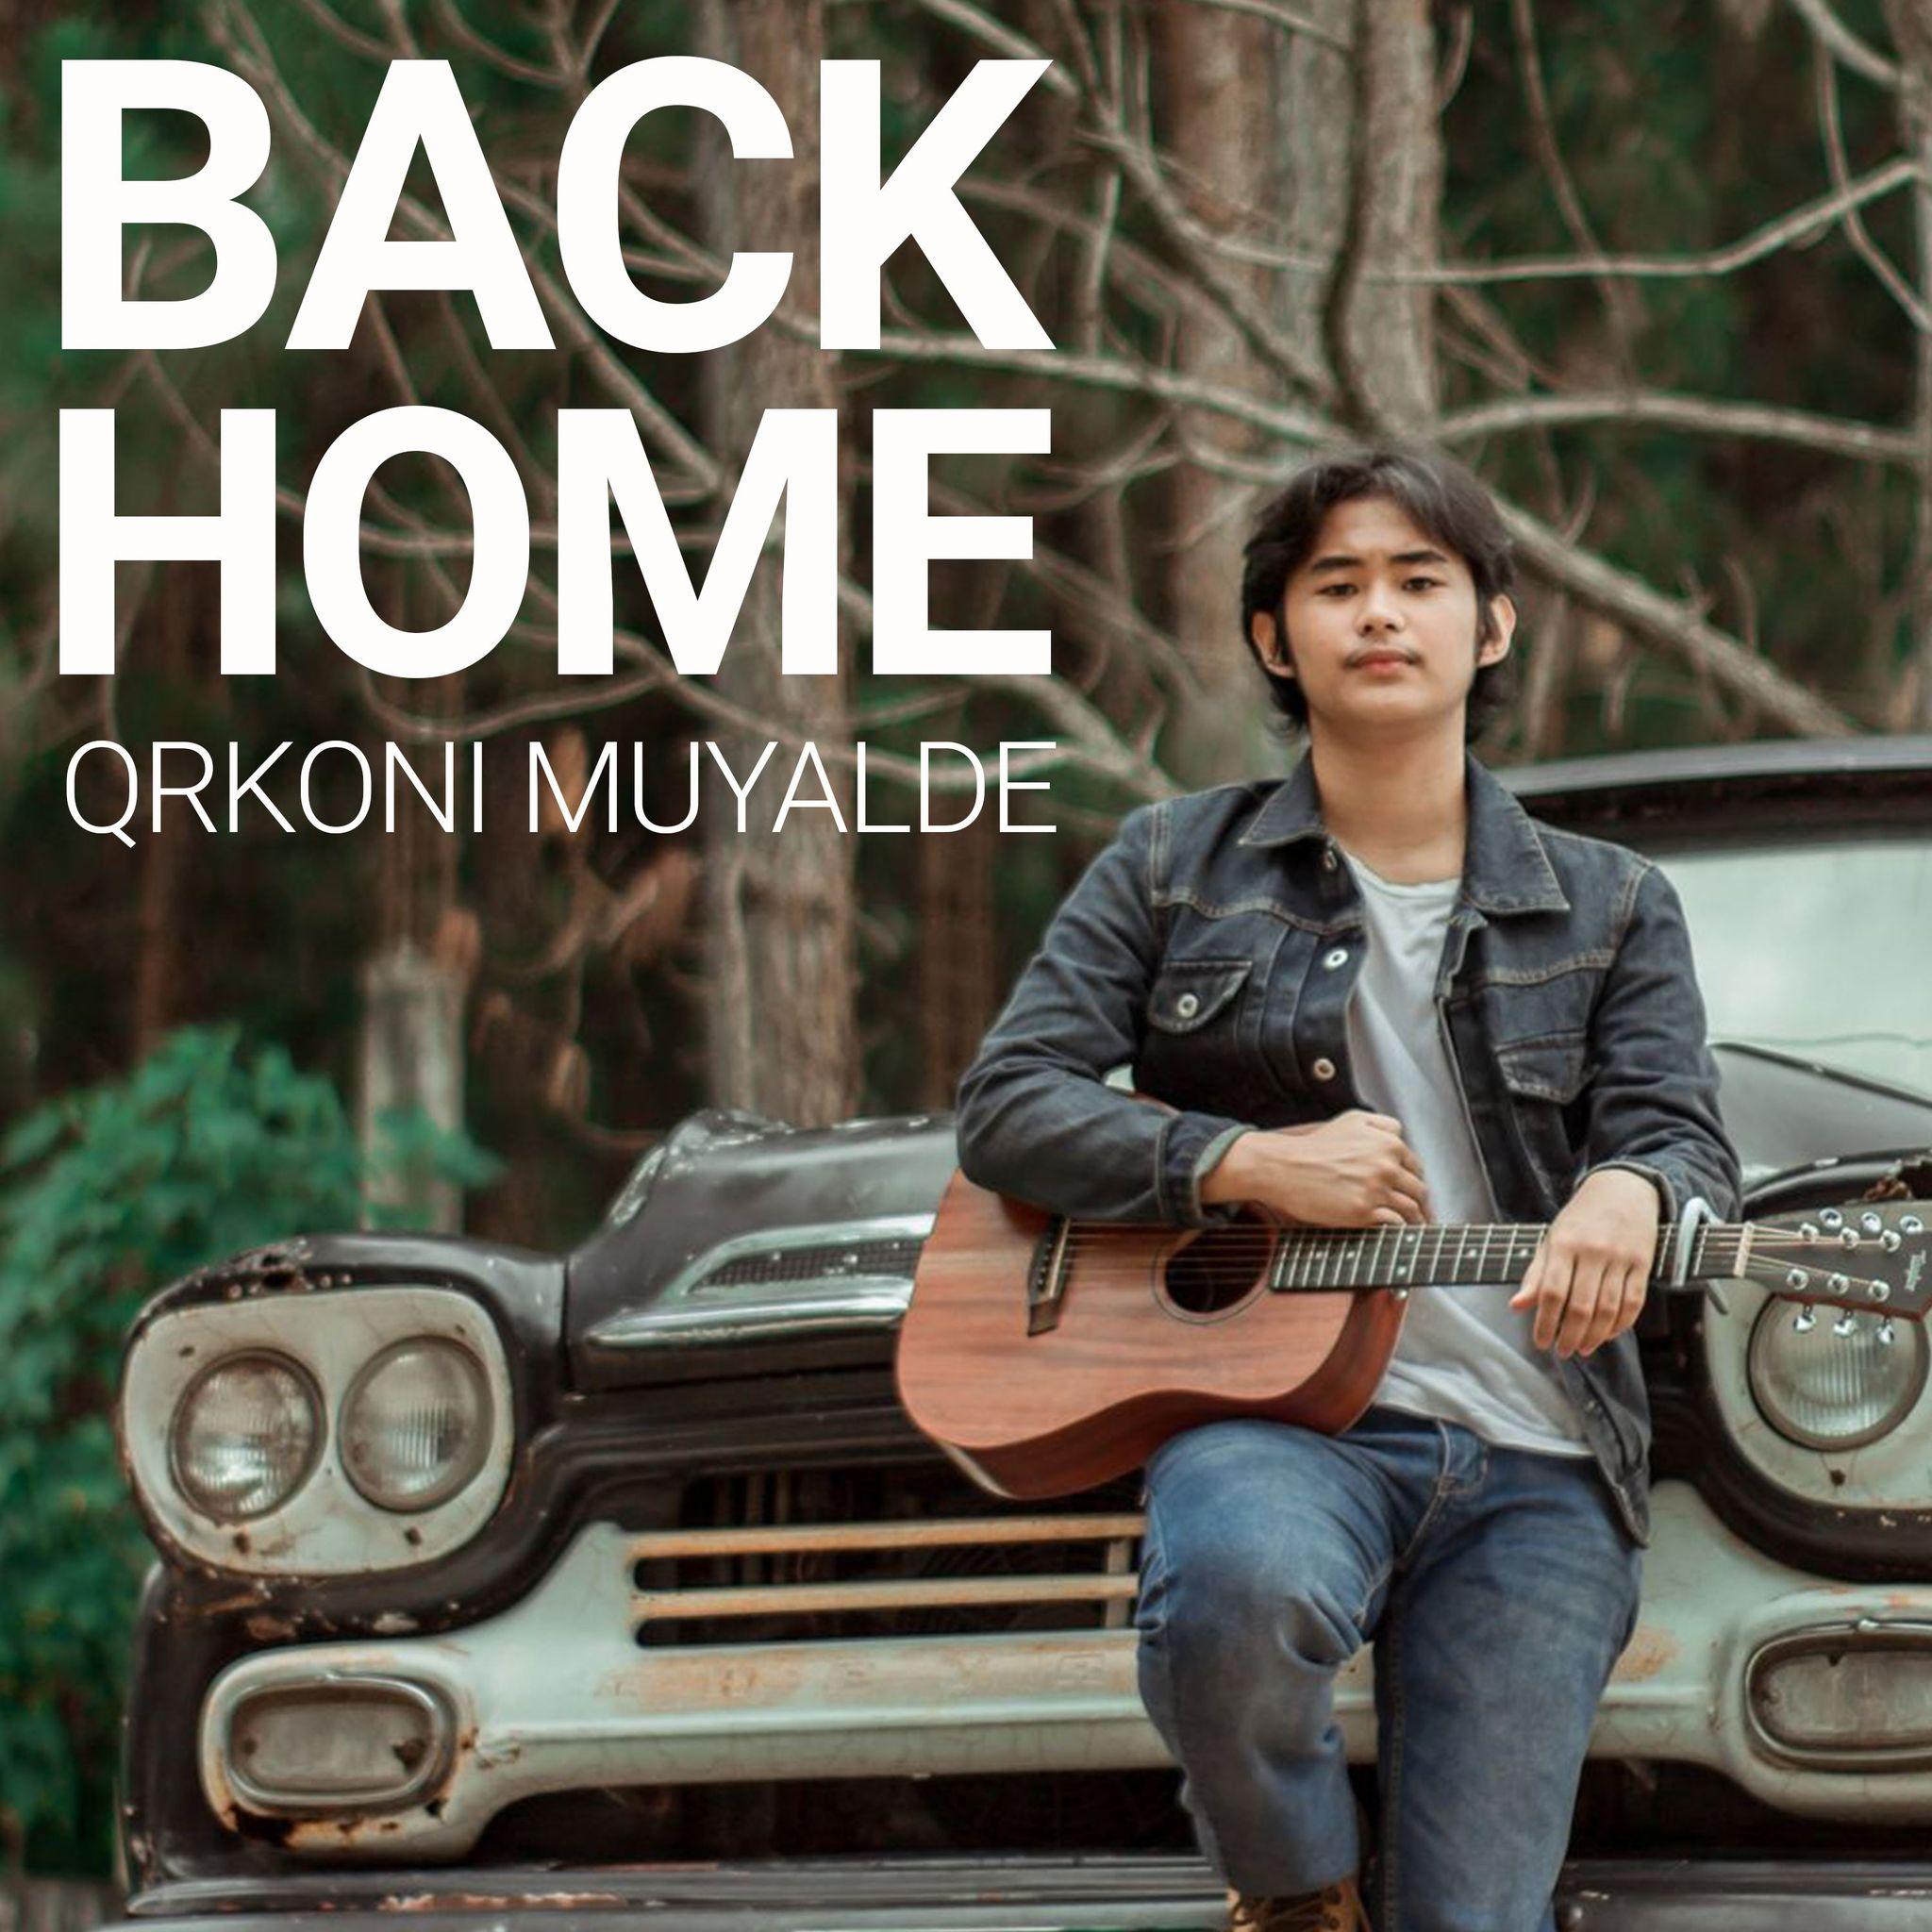 Qrkoni Muyalde's Back Home